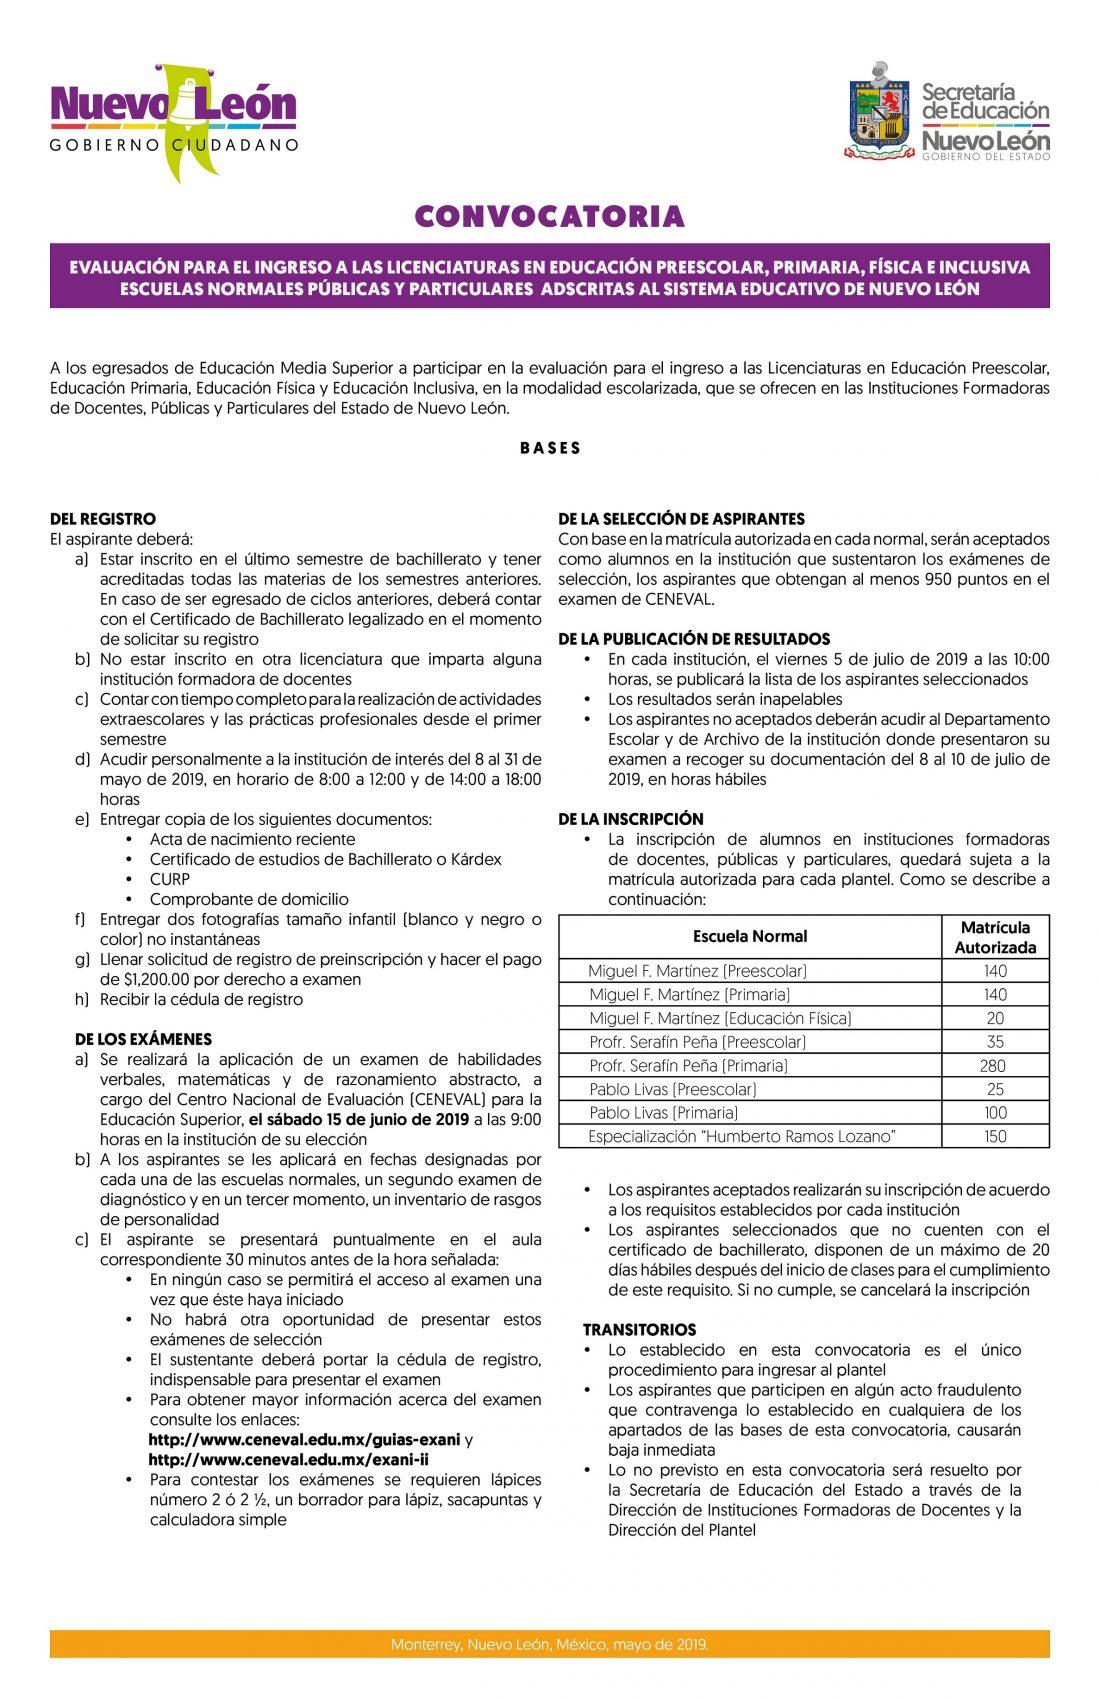 Convocatoria EVALUACION INGRESO A LIC EDUC FISICA PREESCOLAR PRIM FISICA E INCLUSIVA 70